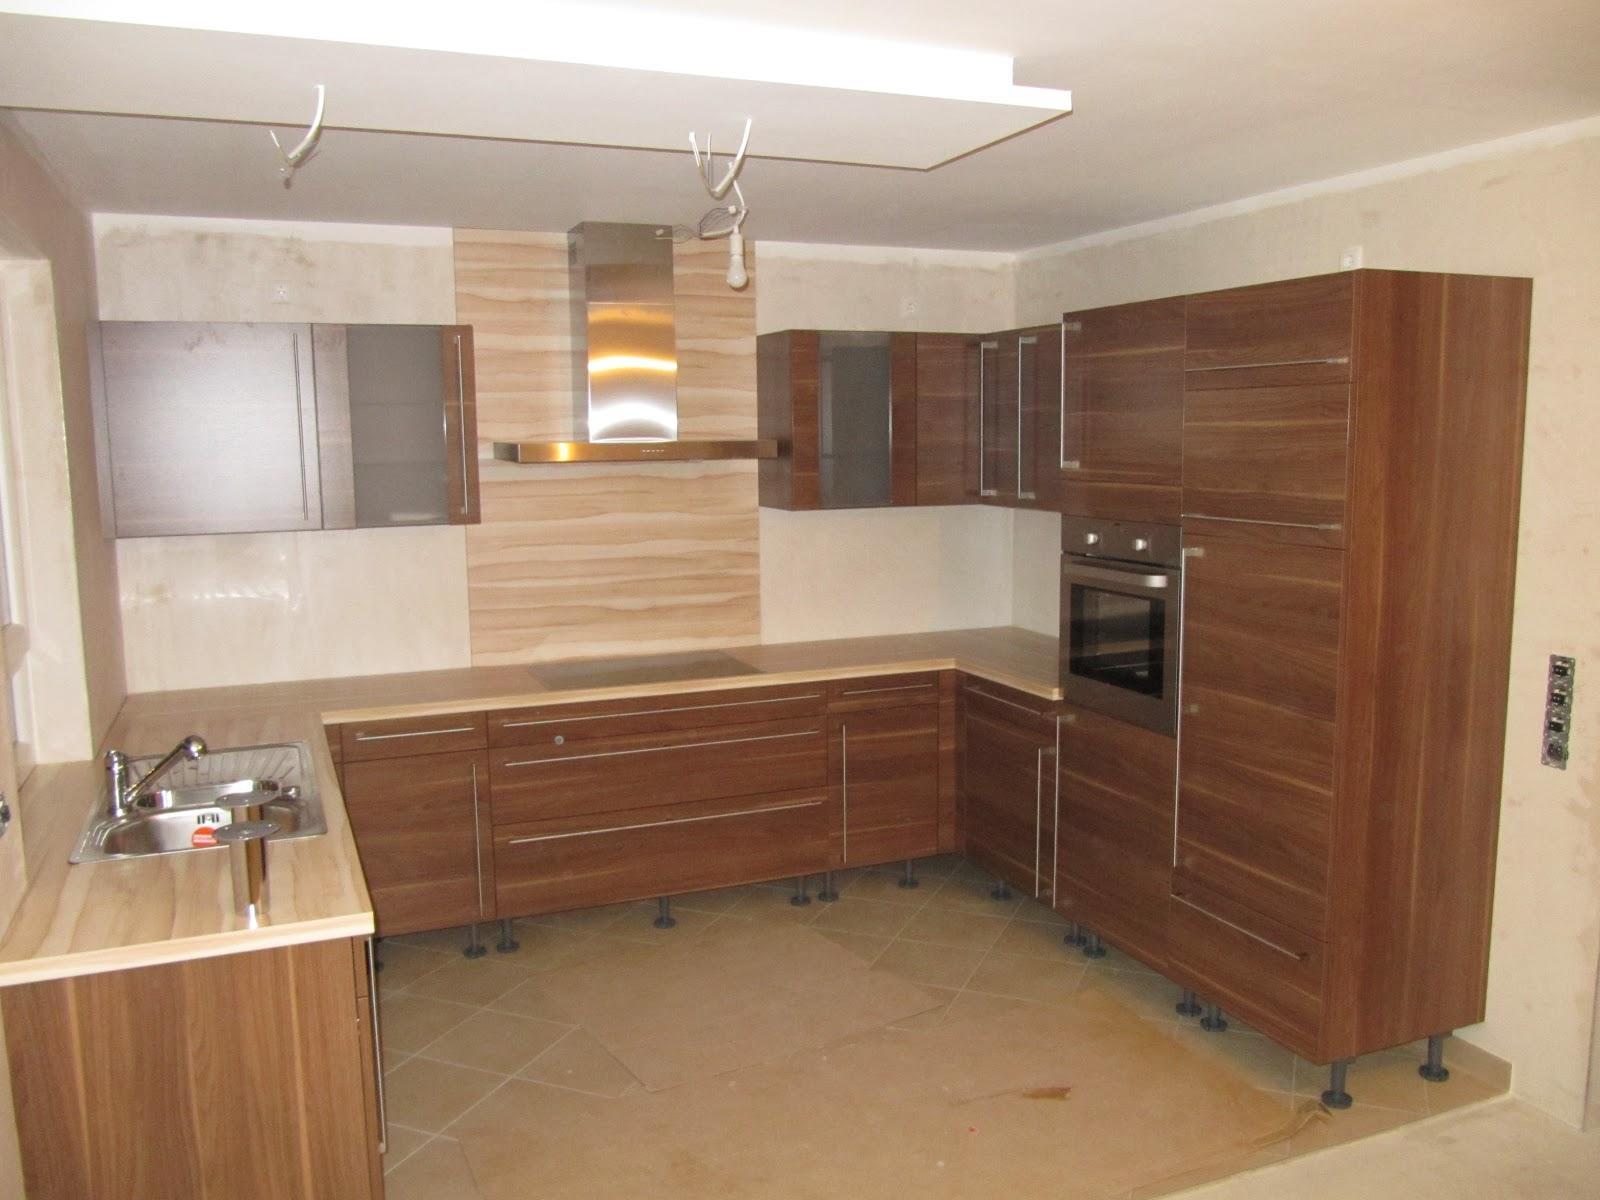 projekt schnitzelbude einbau k che. Black Bedroom Furniture Sets. Home Design Ideas